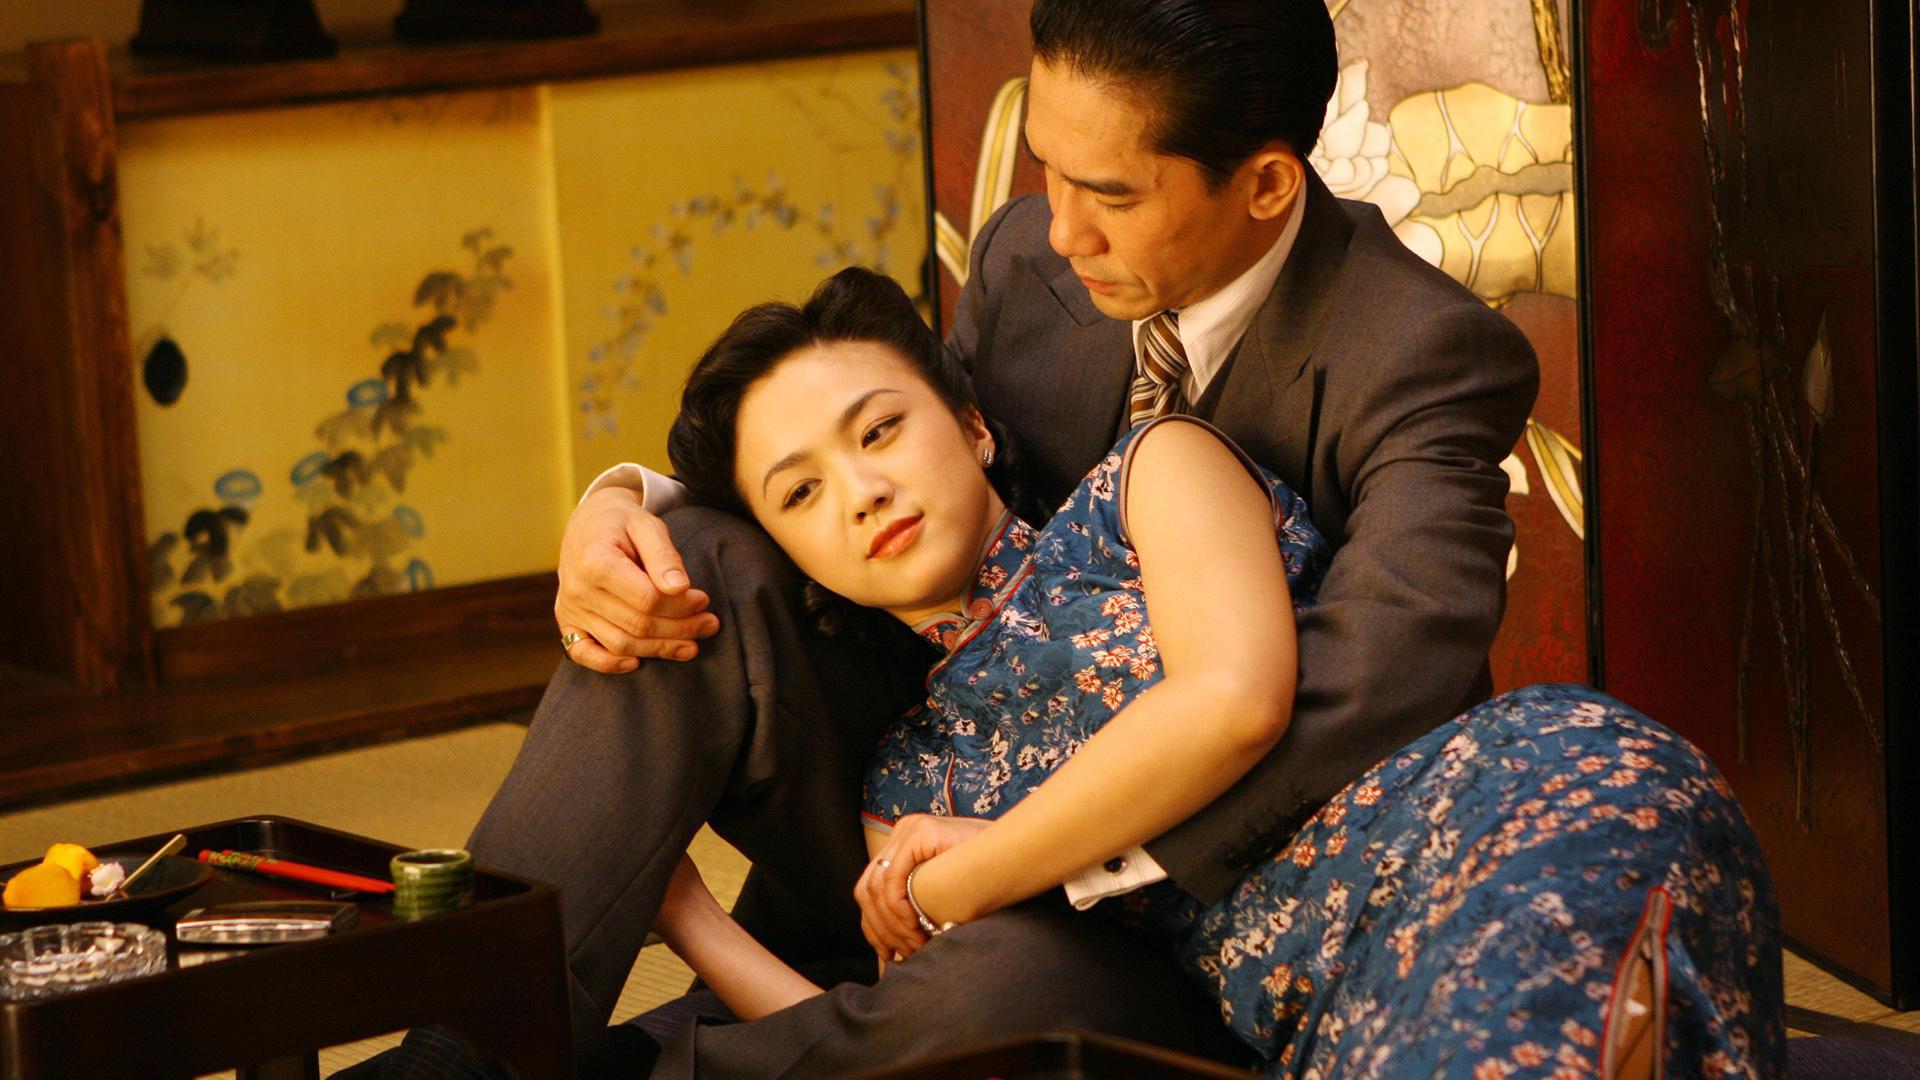 5 cảnh nóng xốn mắt nhất màn ảnh: Thiếu sao được Sắc Giới của Thang Duy - màn kết liễu sự nghiệp đang đà rực rỡ - Ảnh 1.